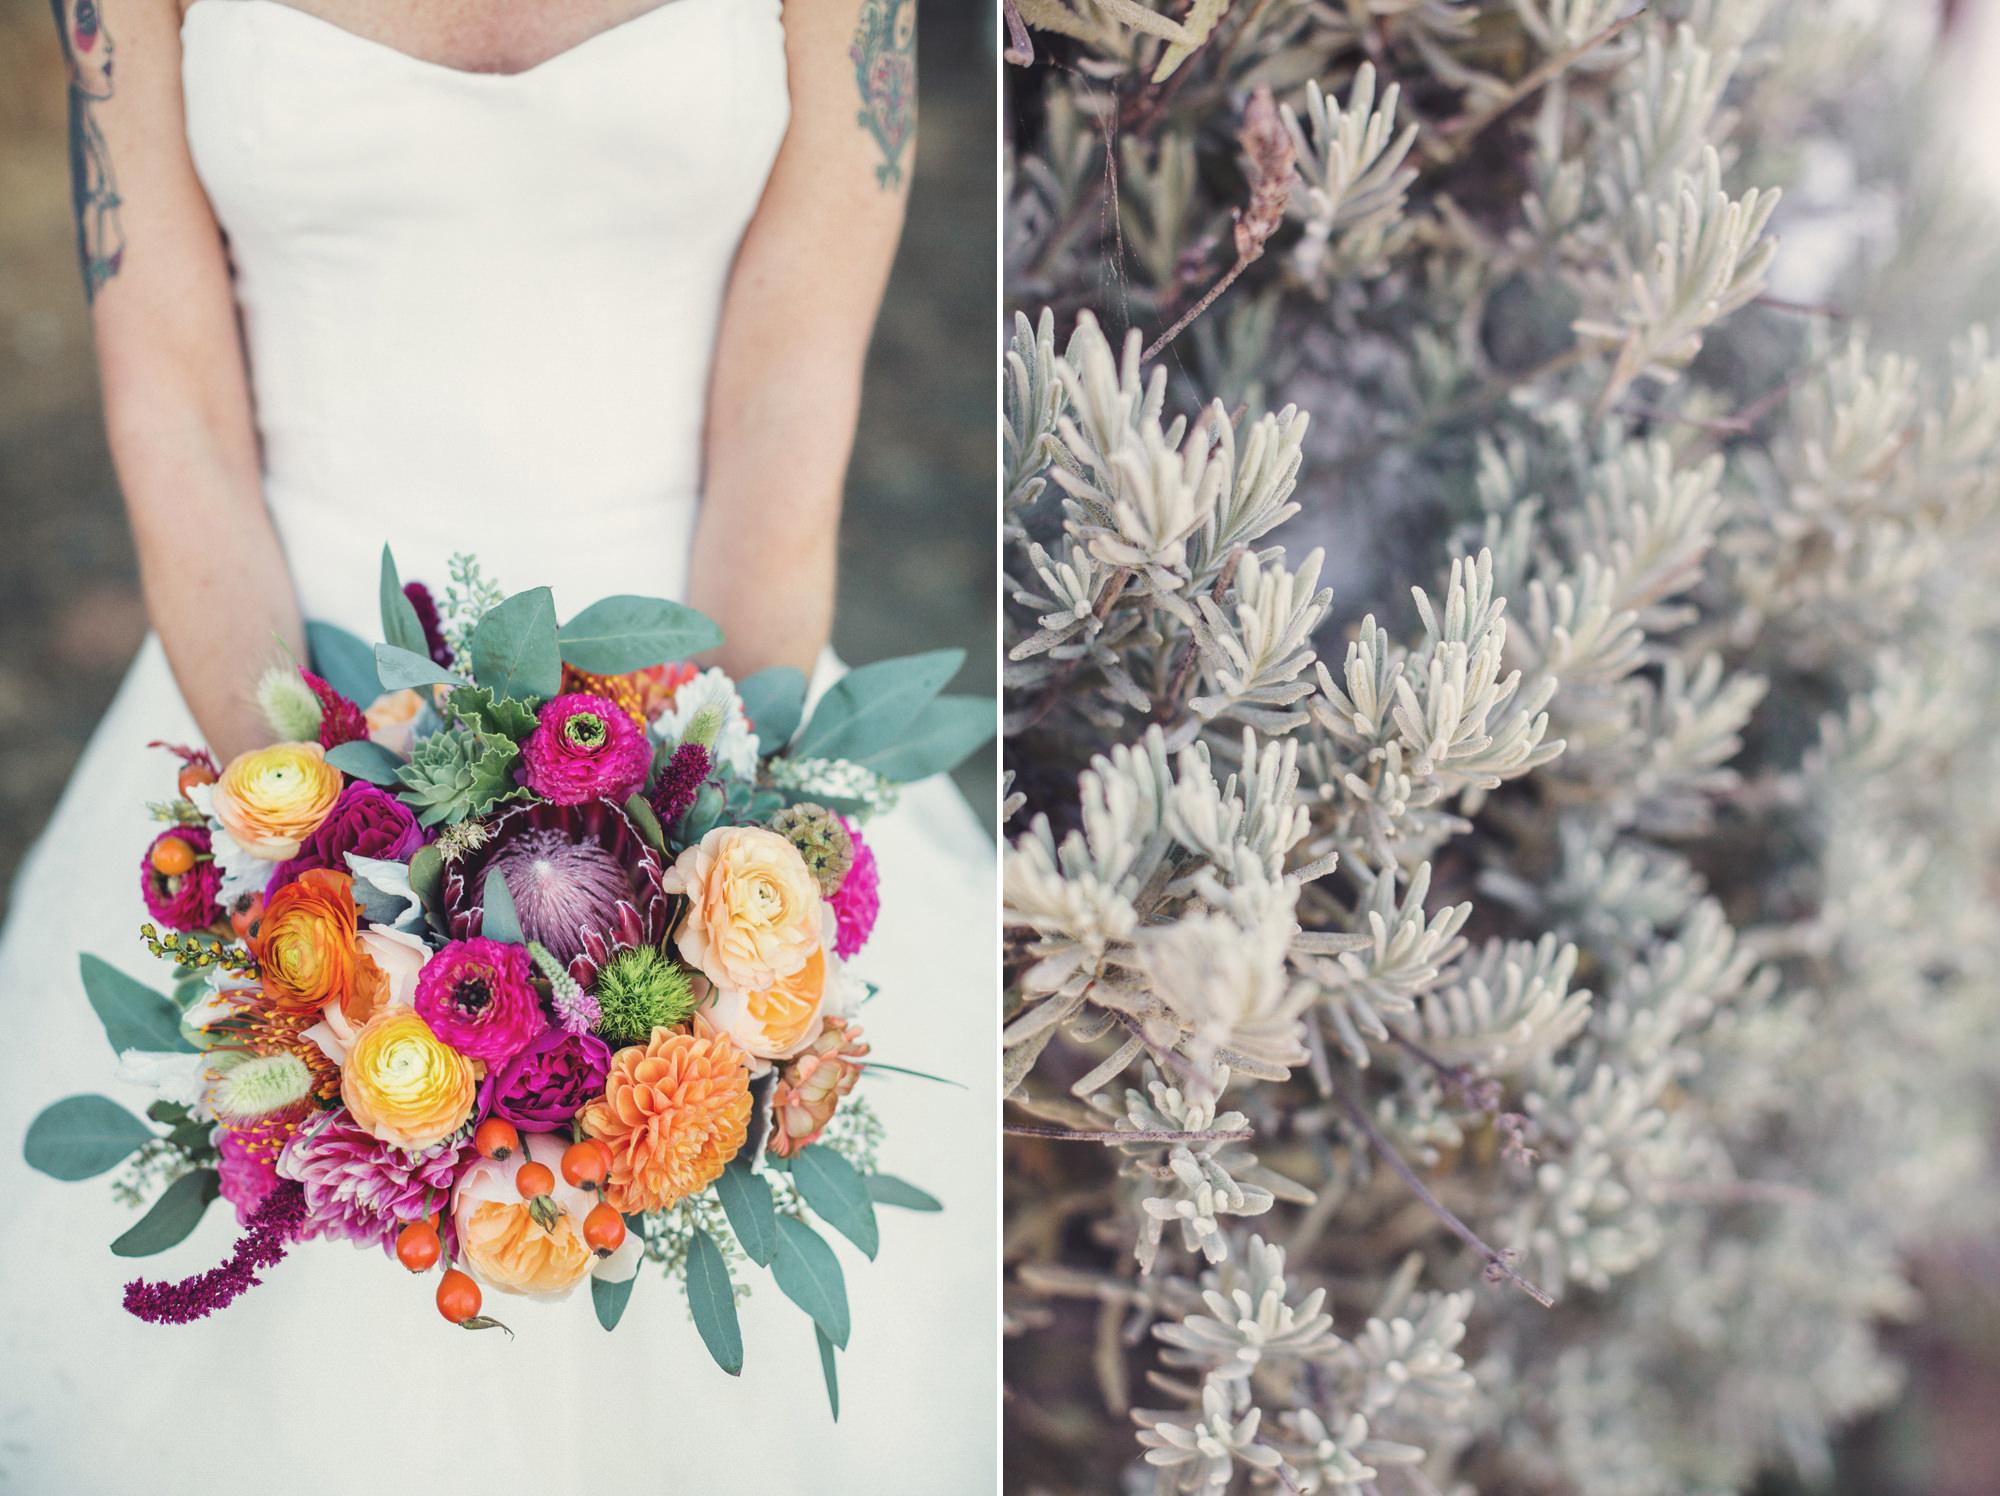 Tobys-Feed-Barn-Wedding-Anne-Claire-Brun-34.jpg